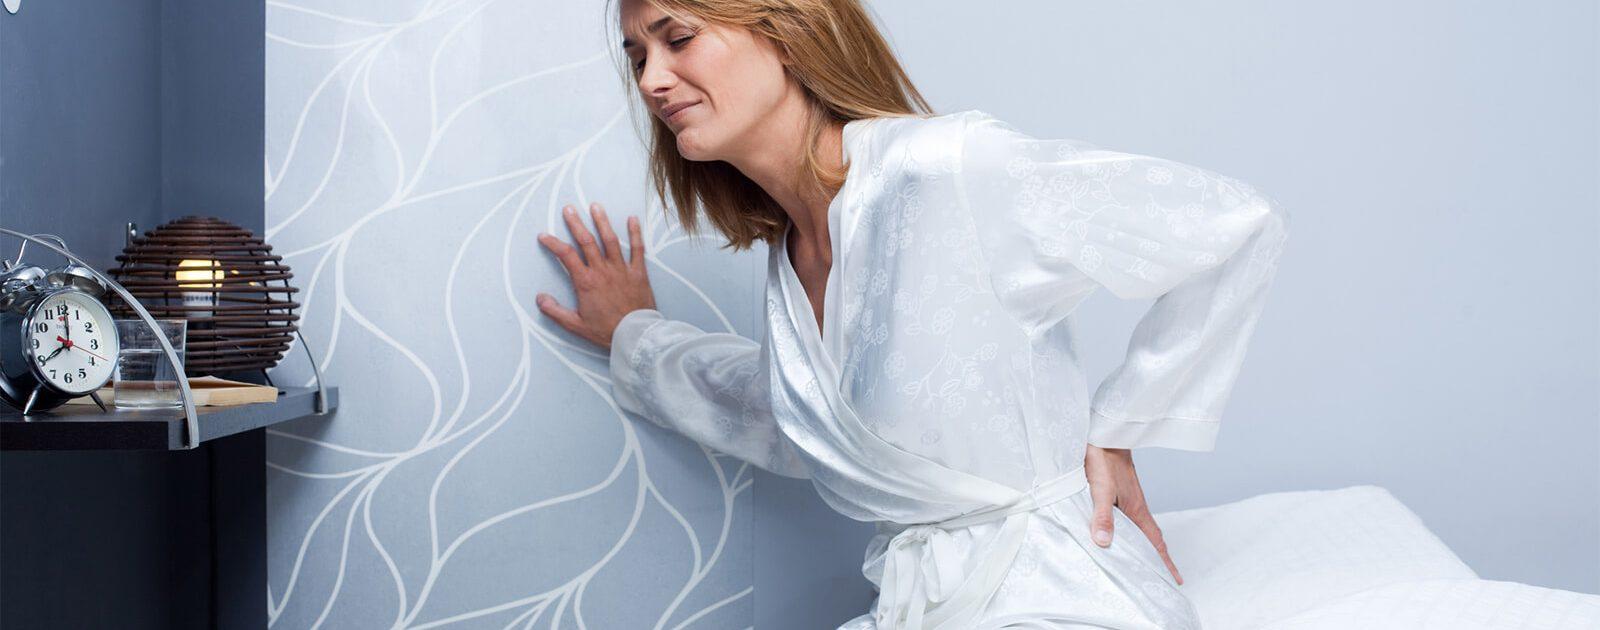 Frau leidet unter plötzlichem Schmerz aufgrund eines Hexenschusses